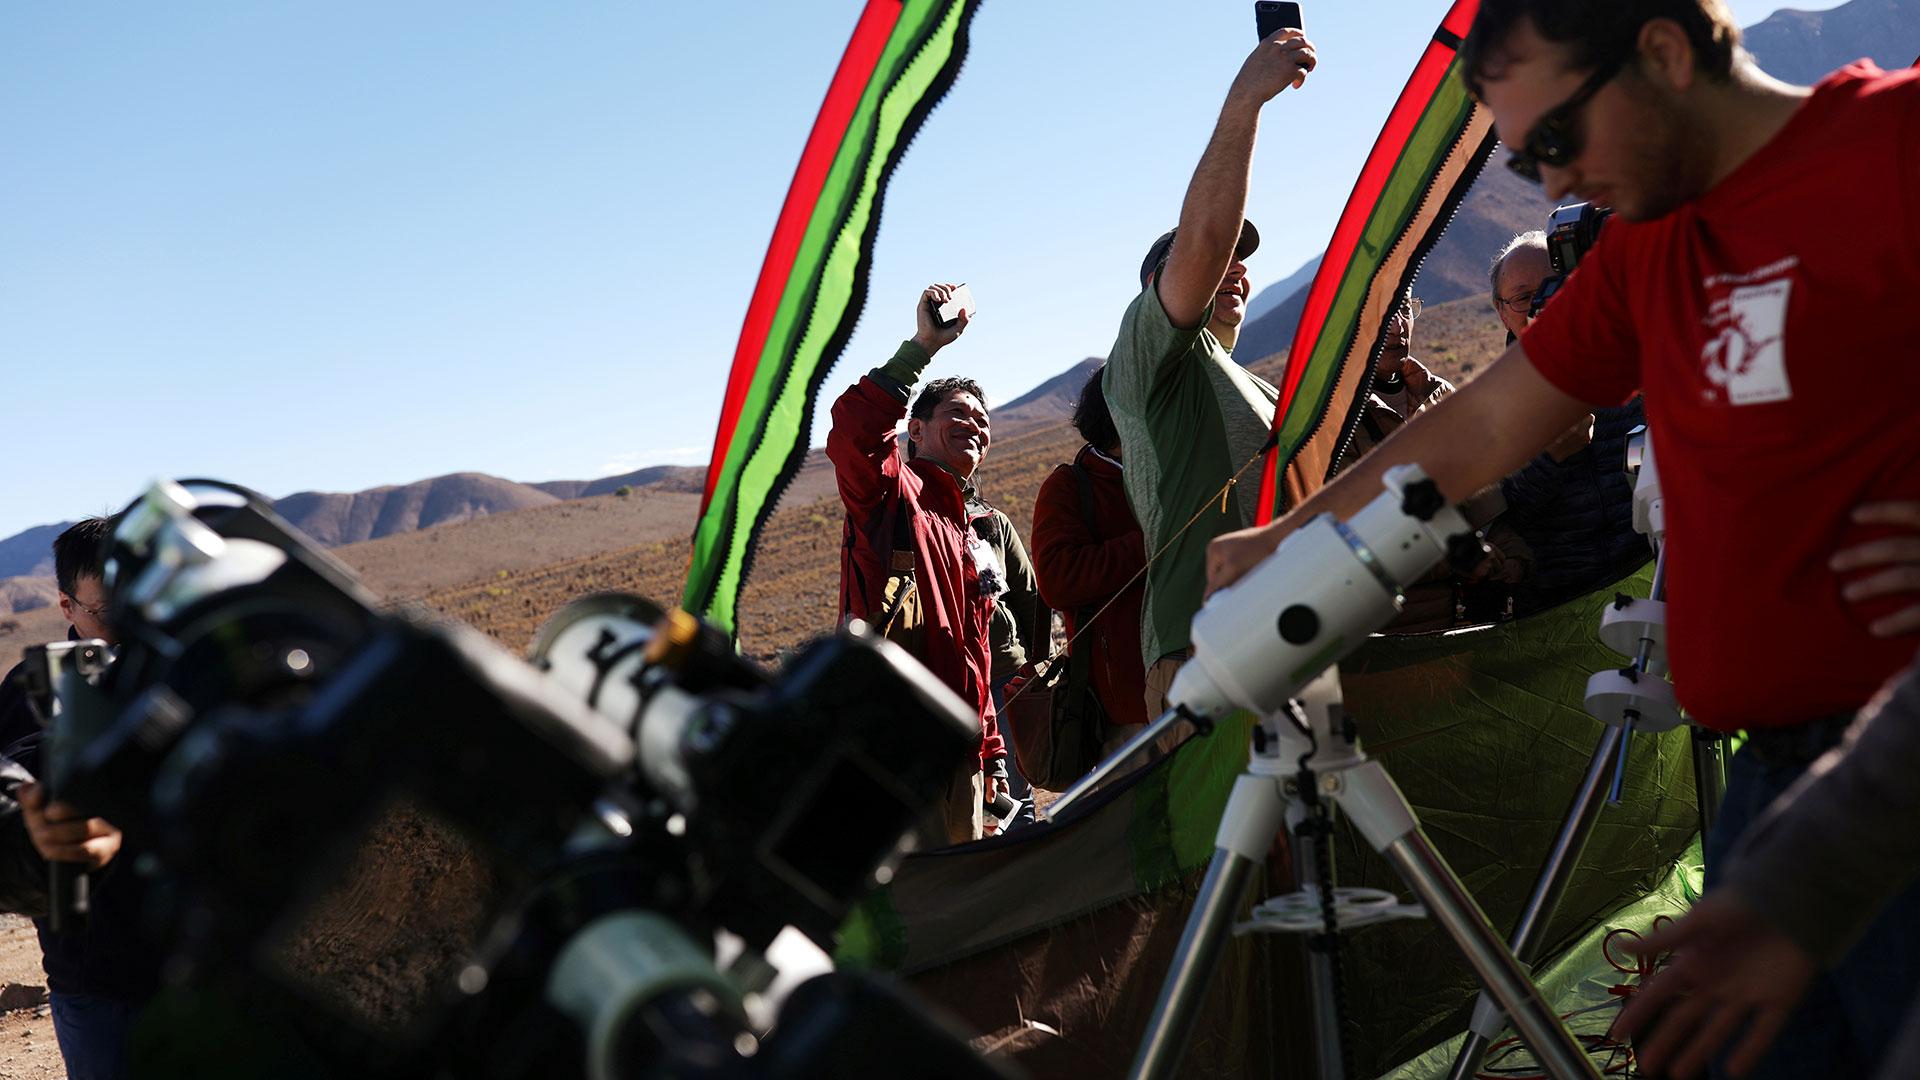 Científicos preparan telescopios para apreciar el fenómenoen el Observatorio Mamalluca, en el Valle del Elqui (Reuters)